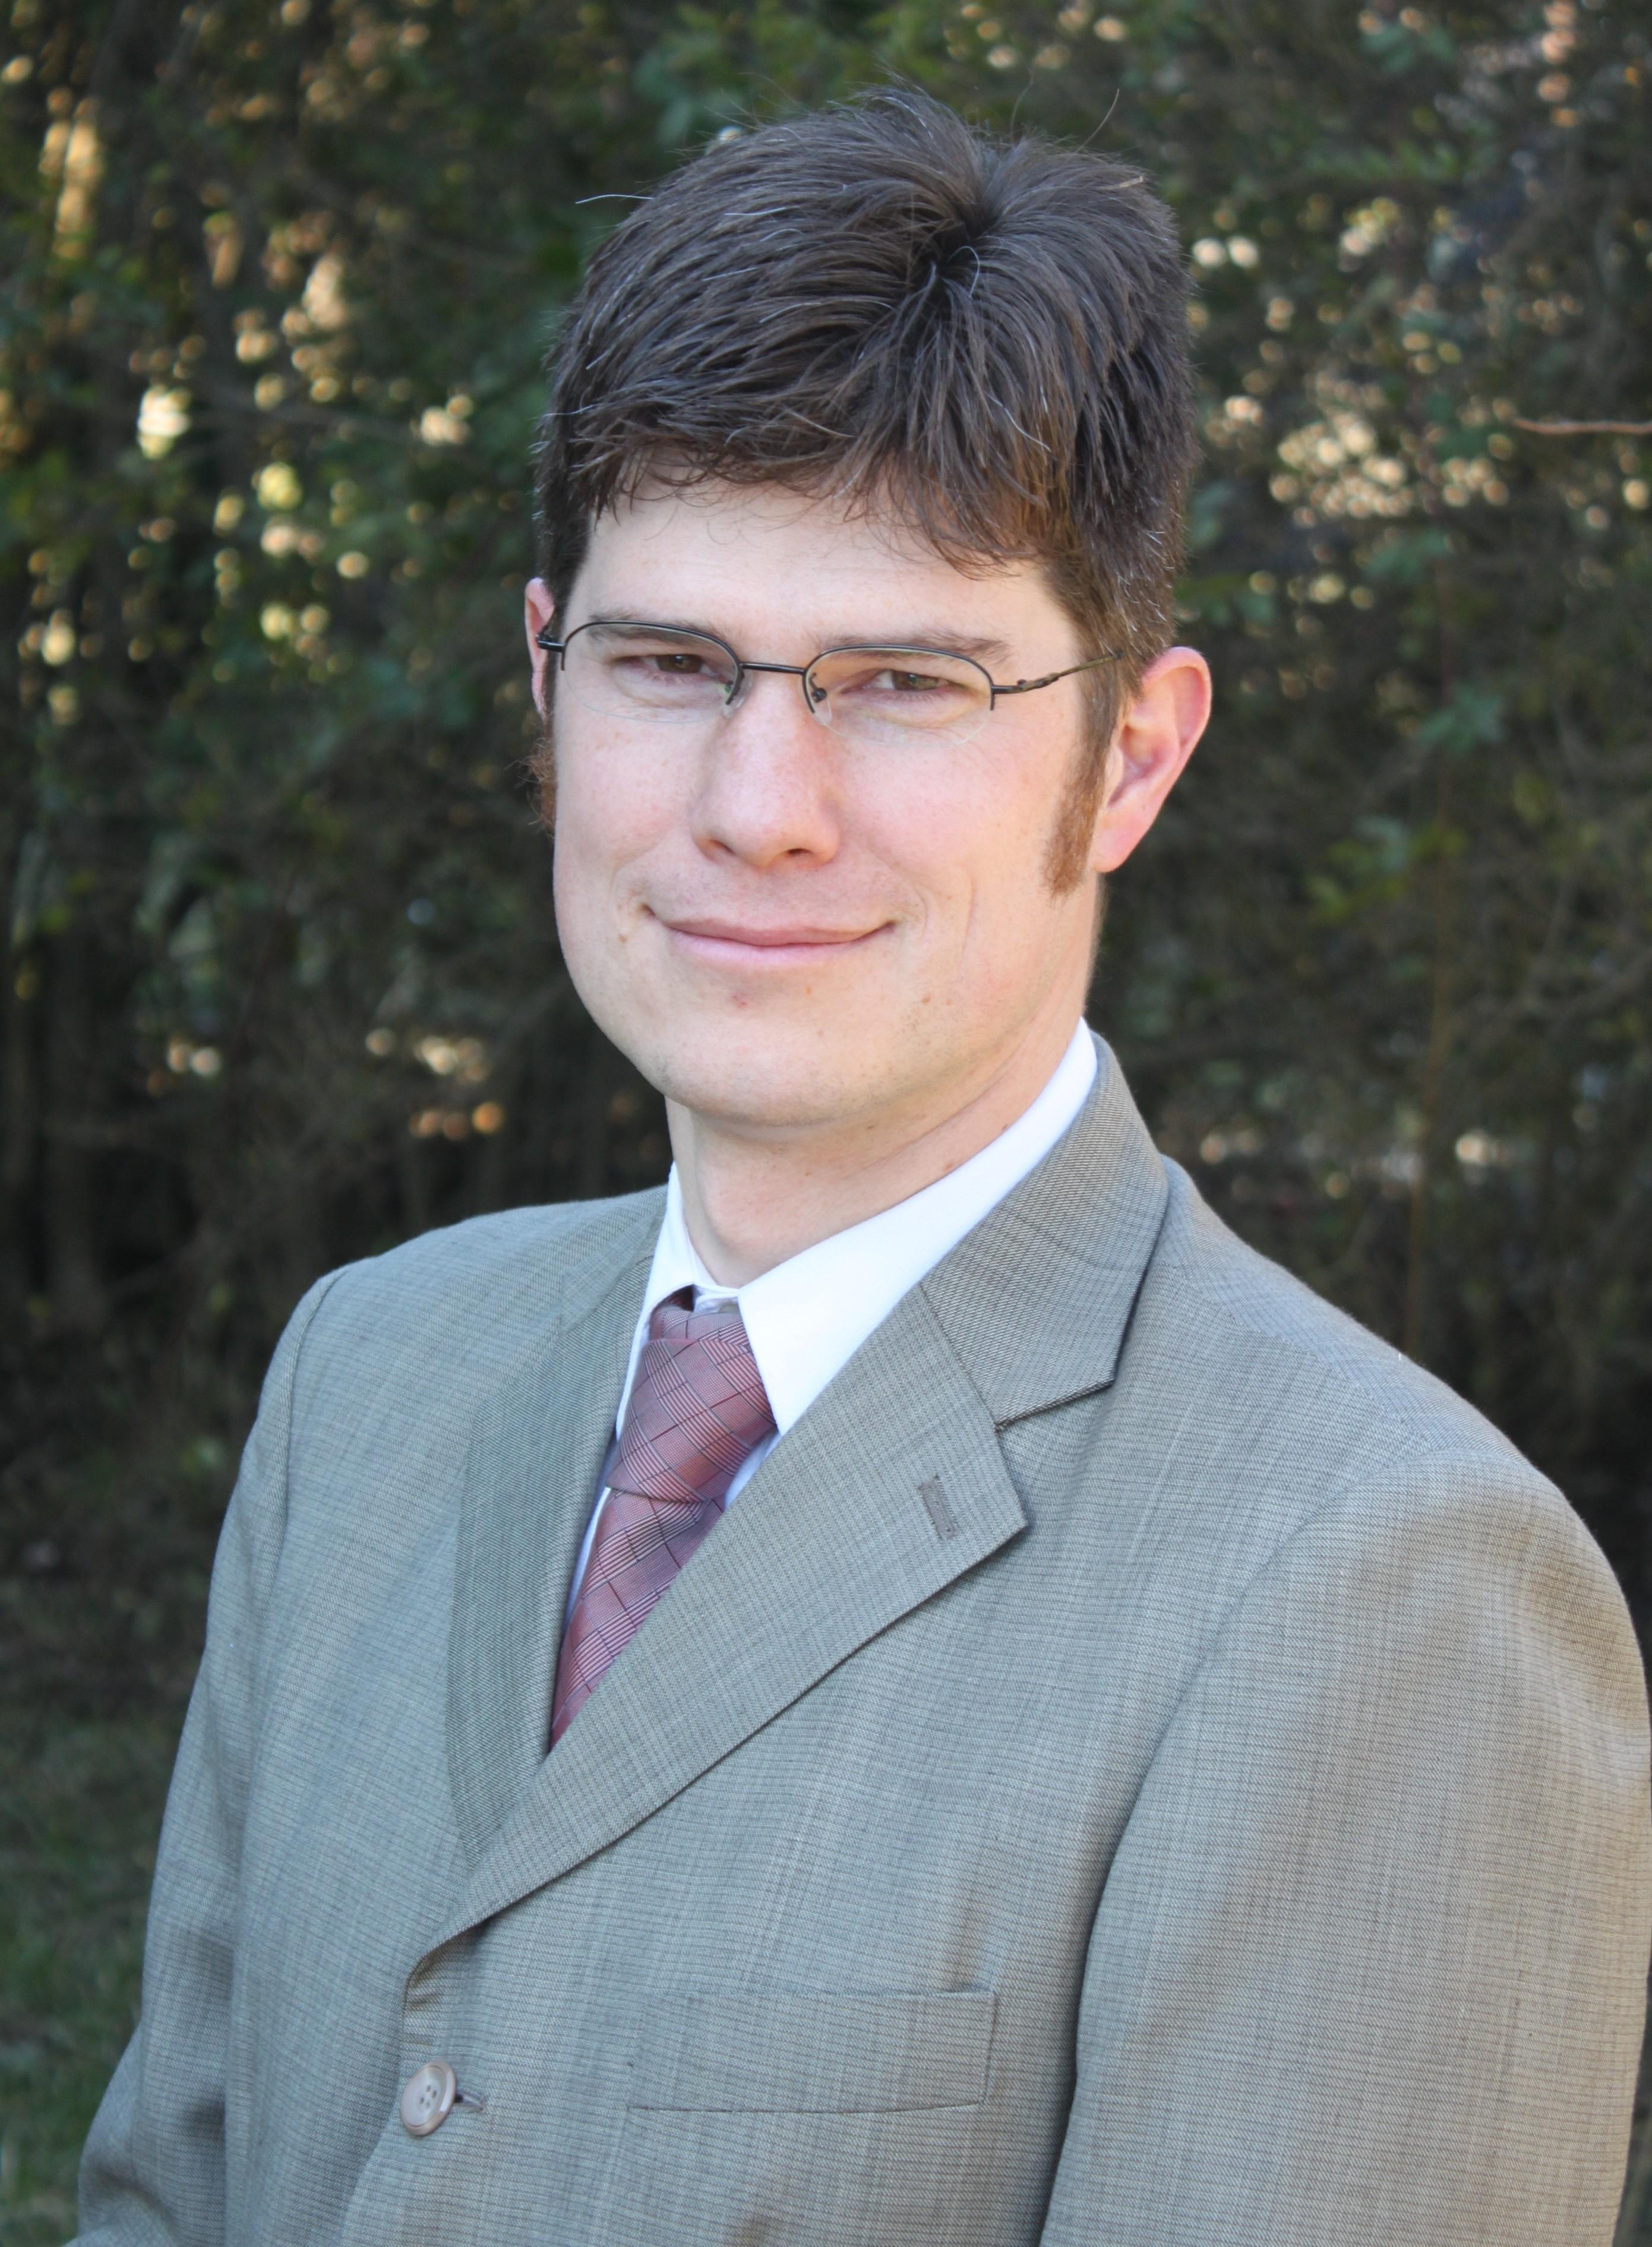 Christian Nelson, CIPM